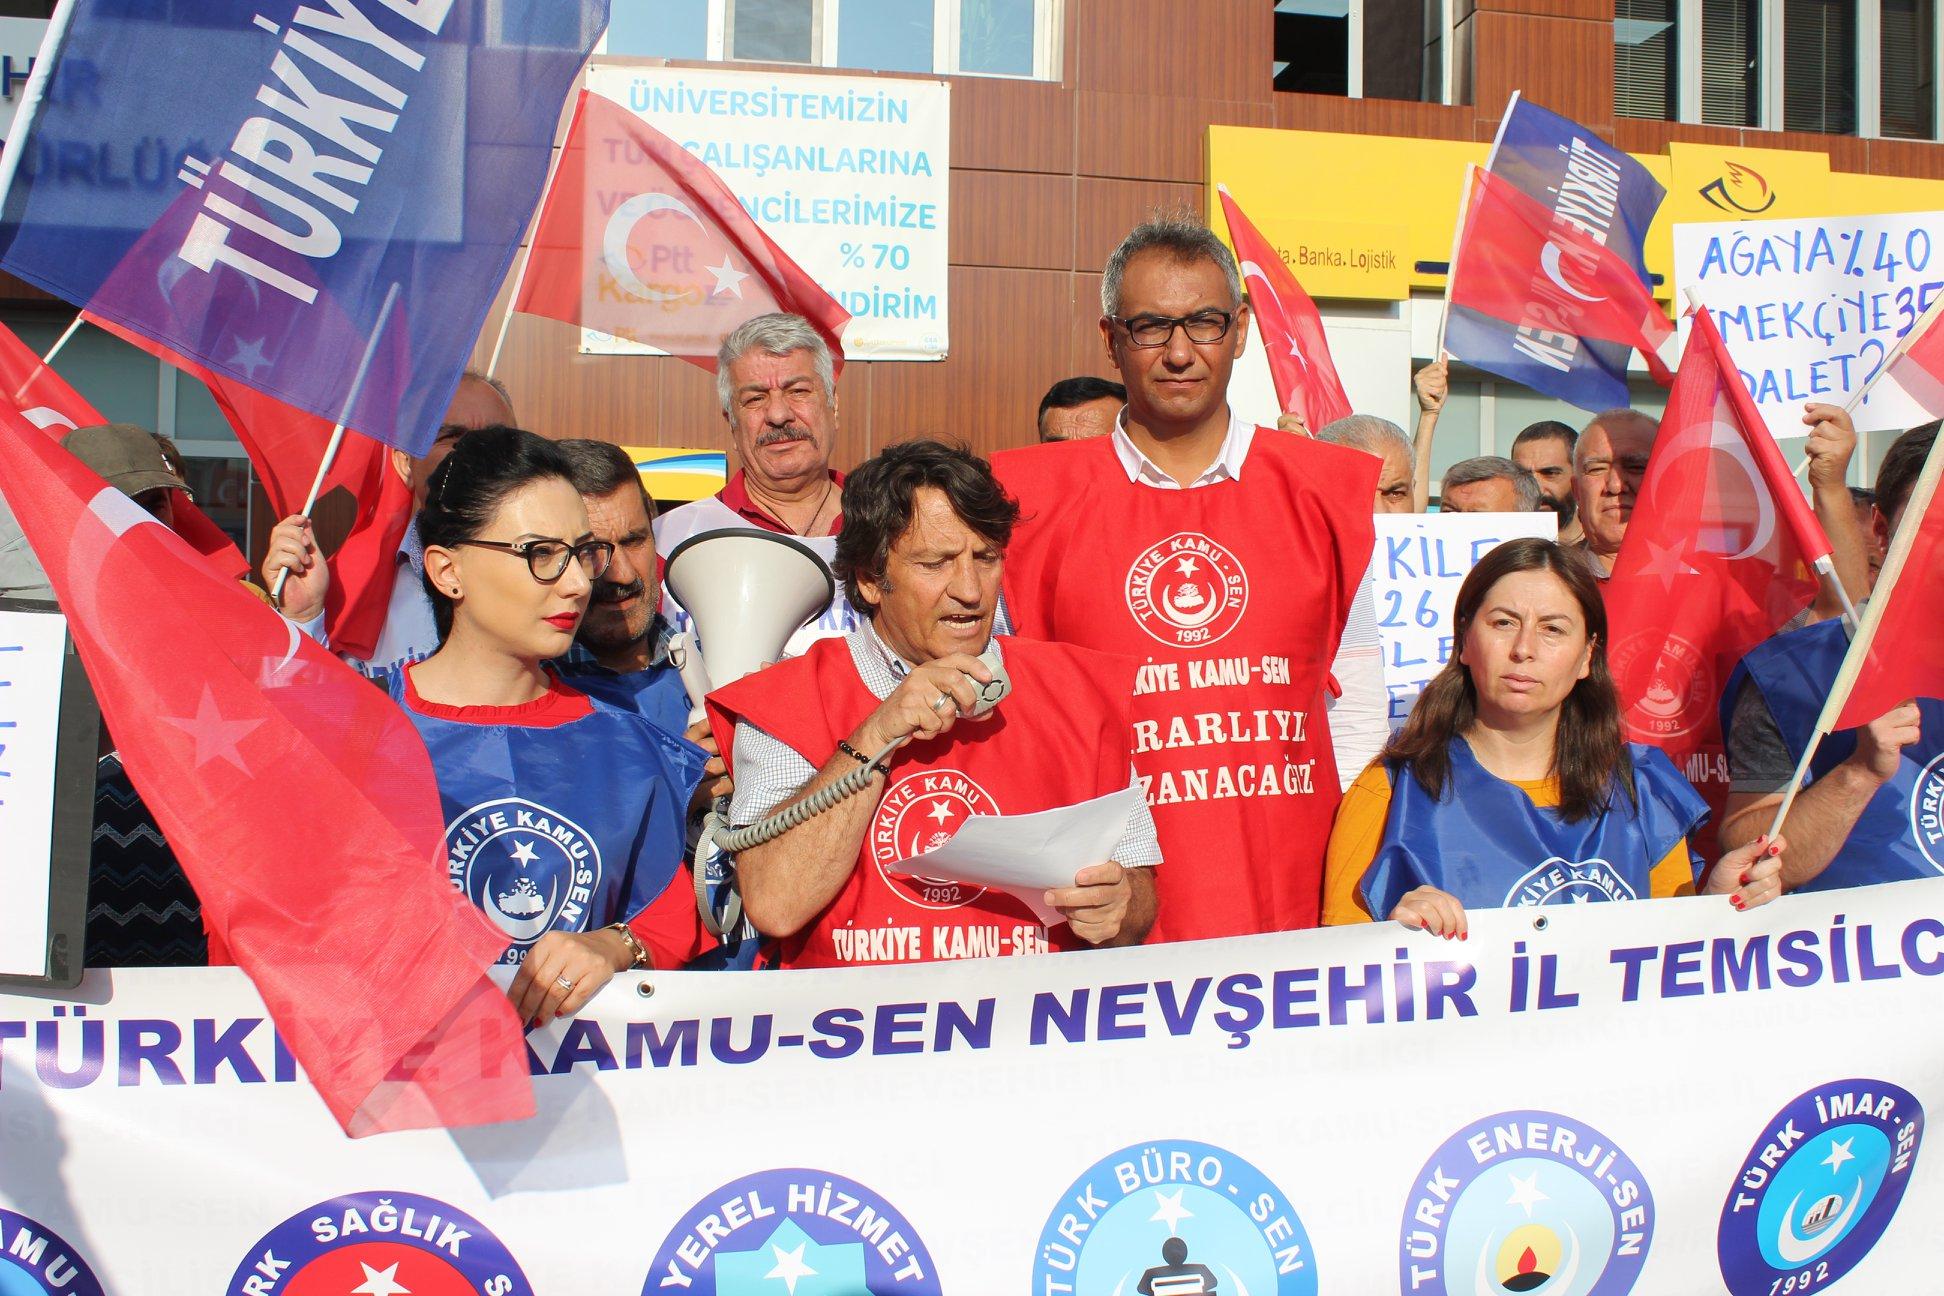 TES. Nevşehir İl Başkanı Tayfur Urgenç; Toplu Sözleşme Süreci Fiyasko ile Sonuçlanmıştır.